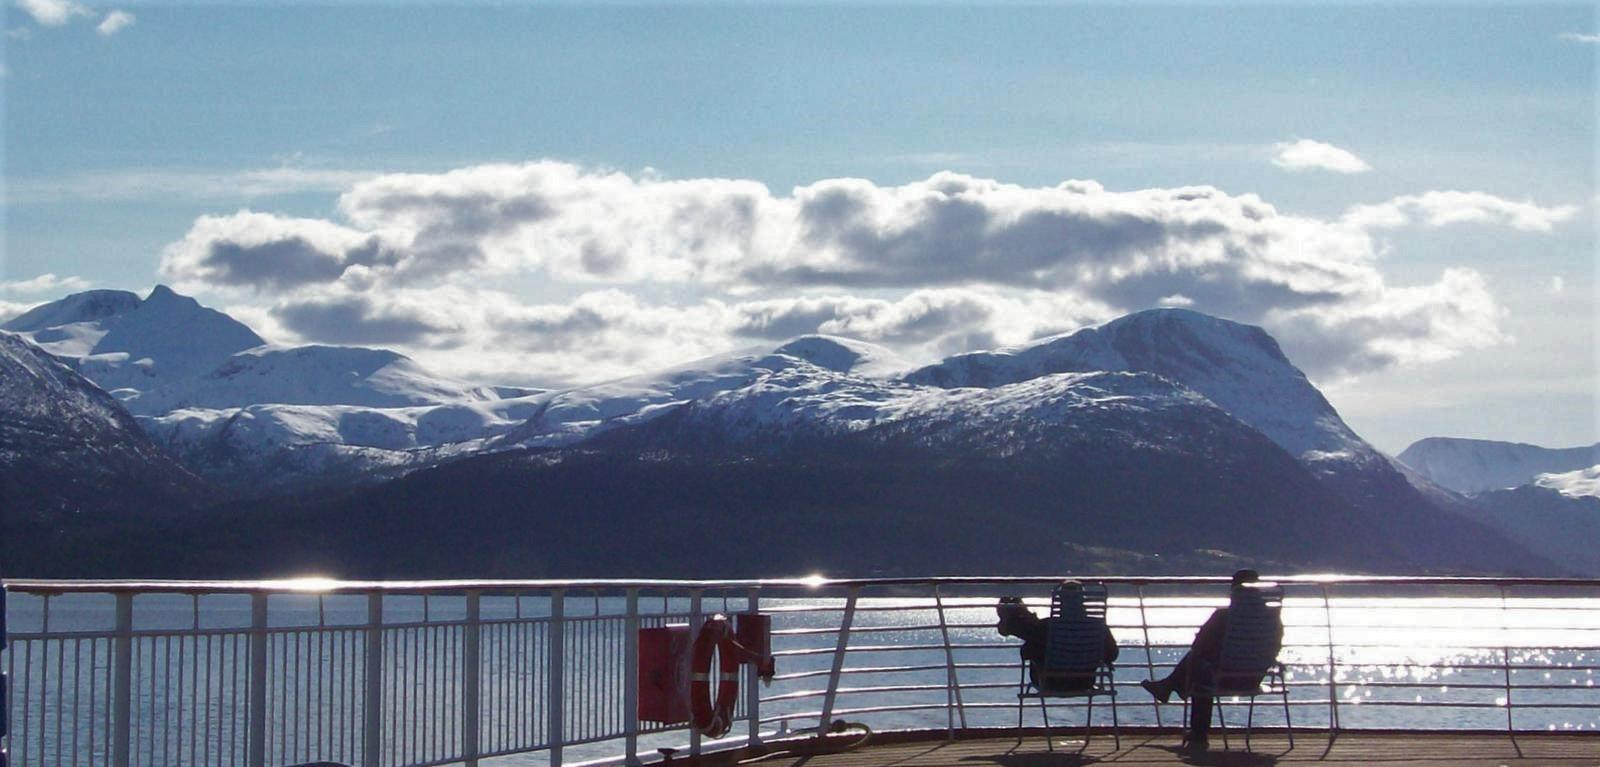 Hurtigruten - MS Trollfjord - Sonnendeck - Blick auf die Romsdalsalpen